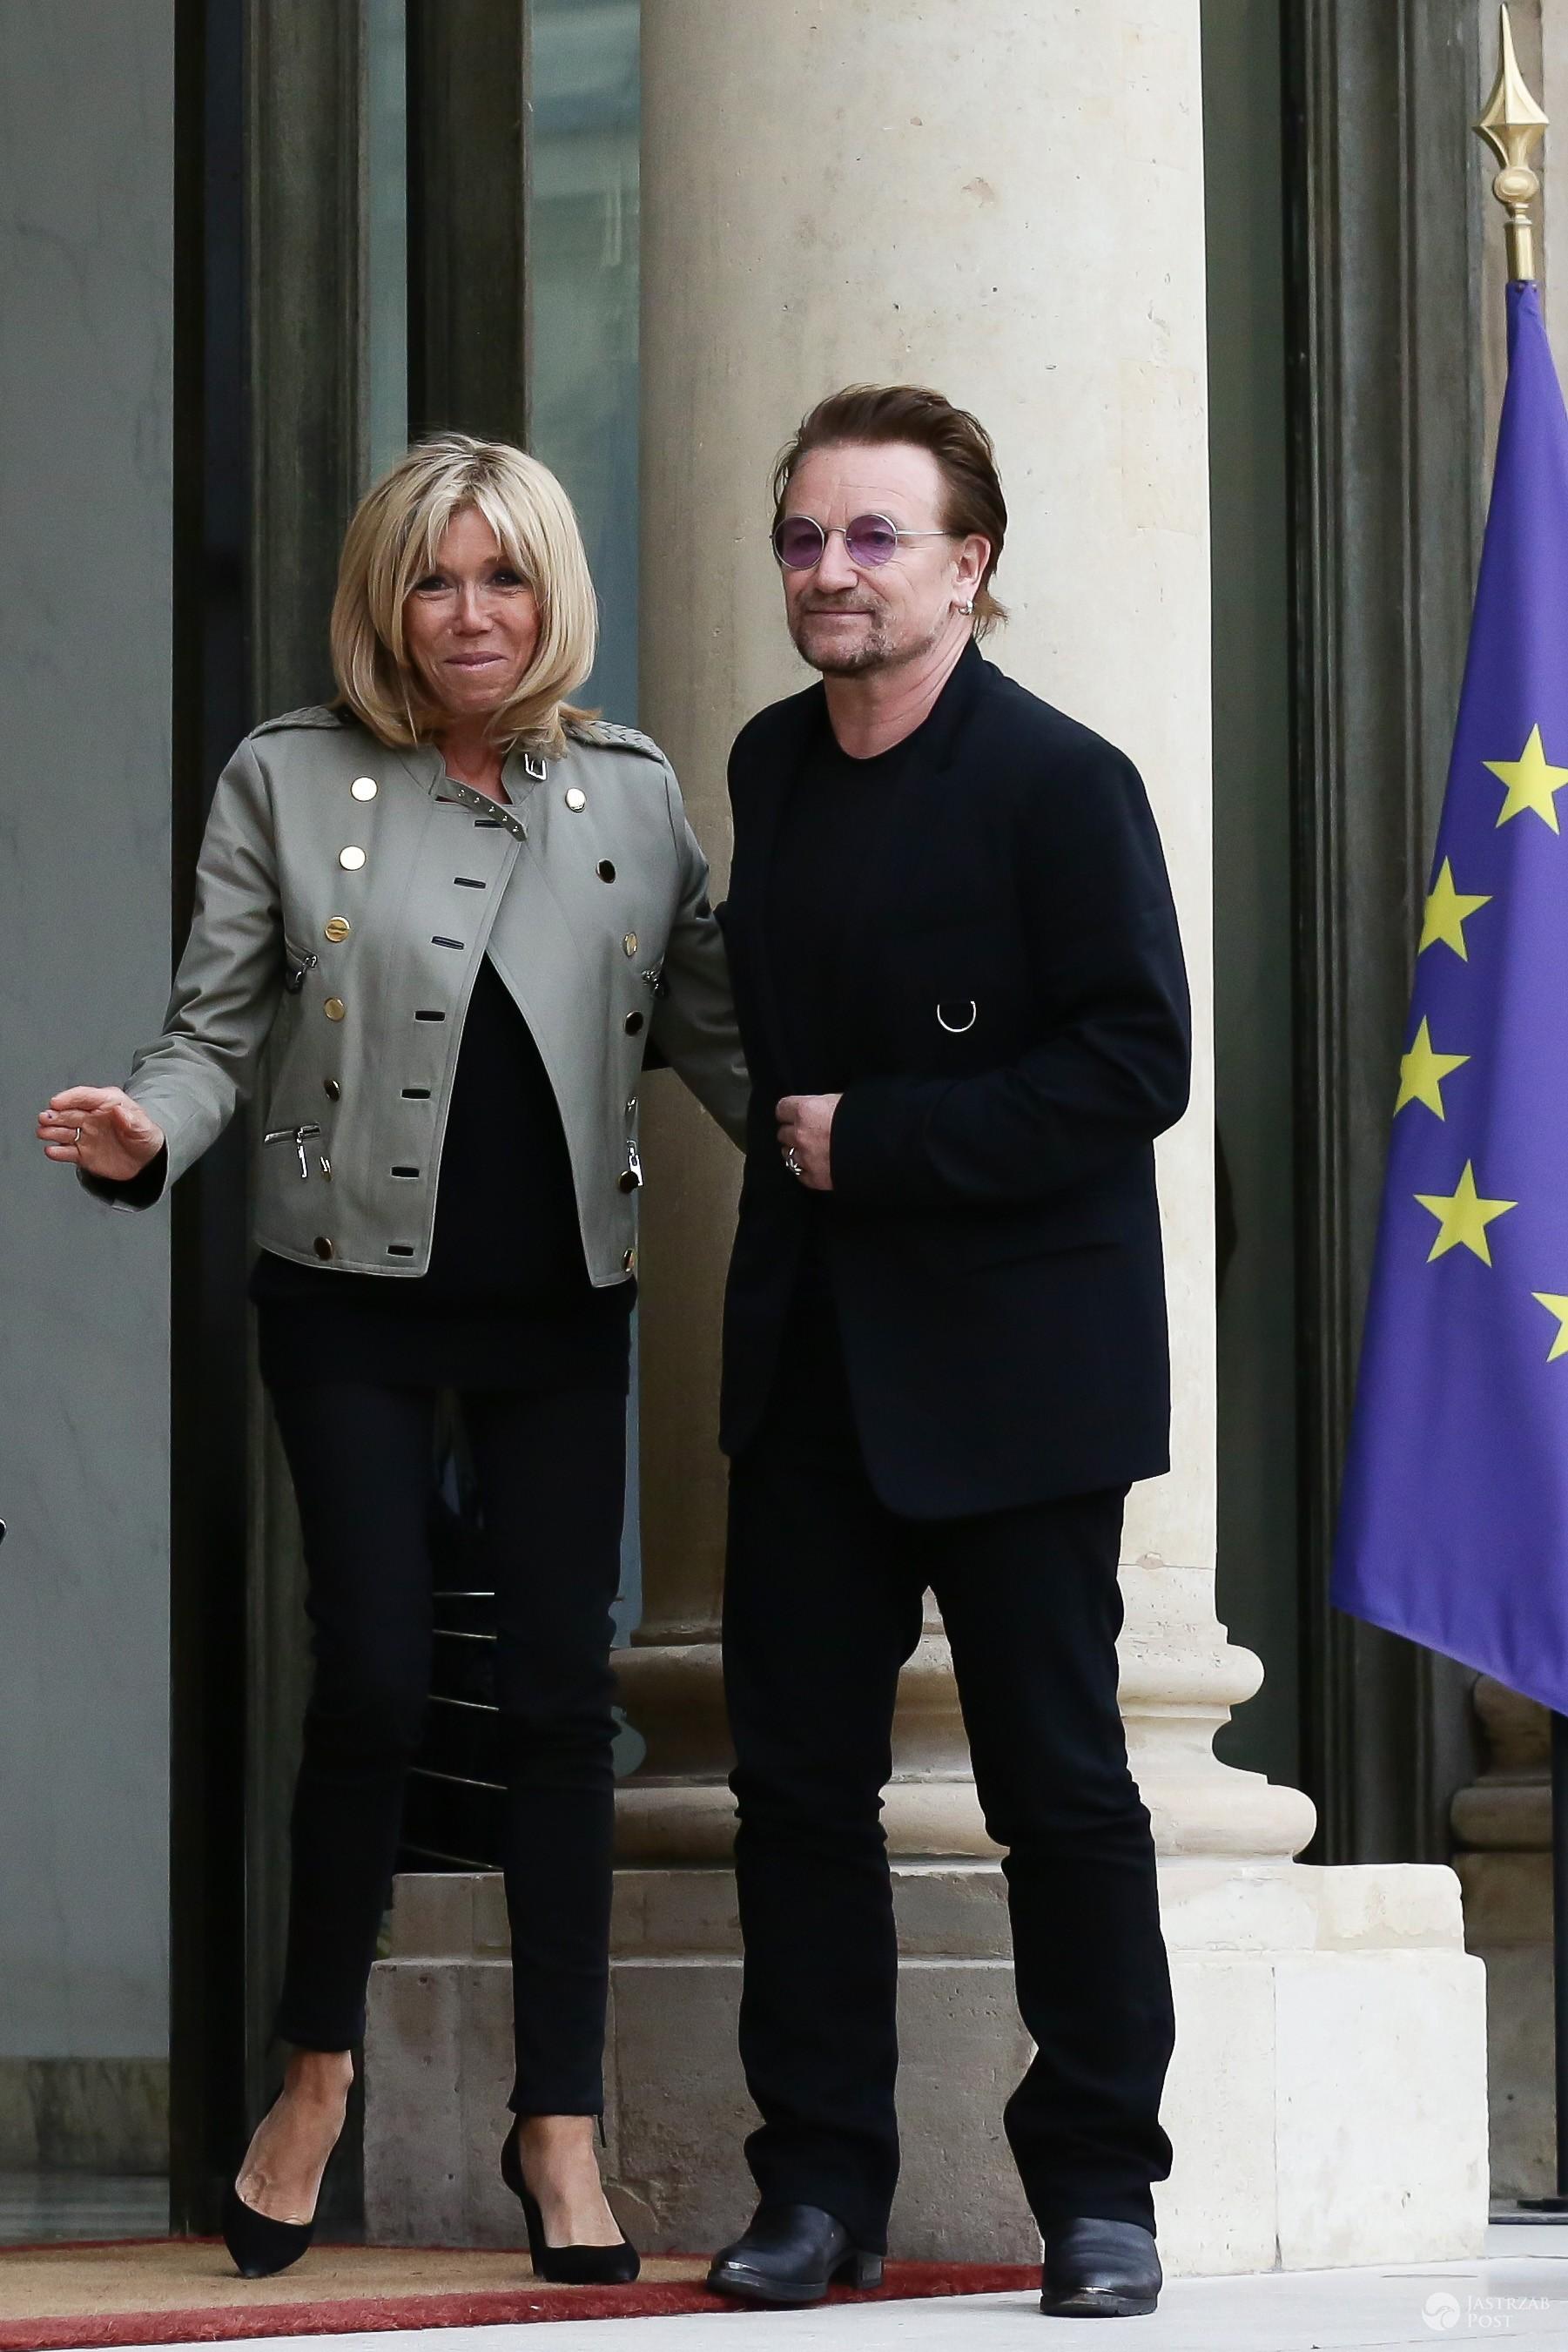 Stylizacja Brigitte Macron na spotkaniu z Bono